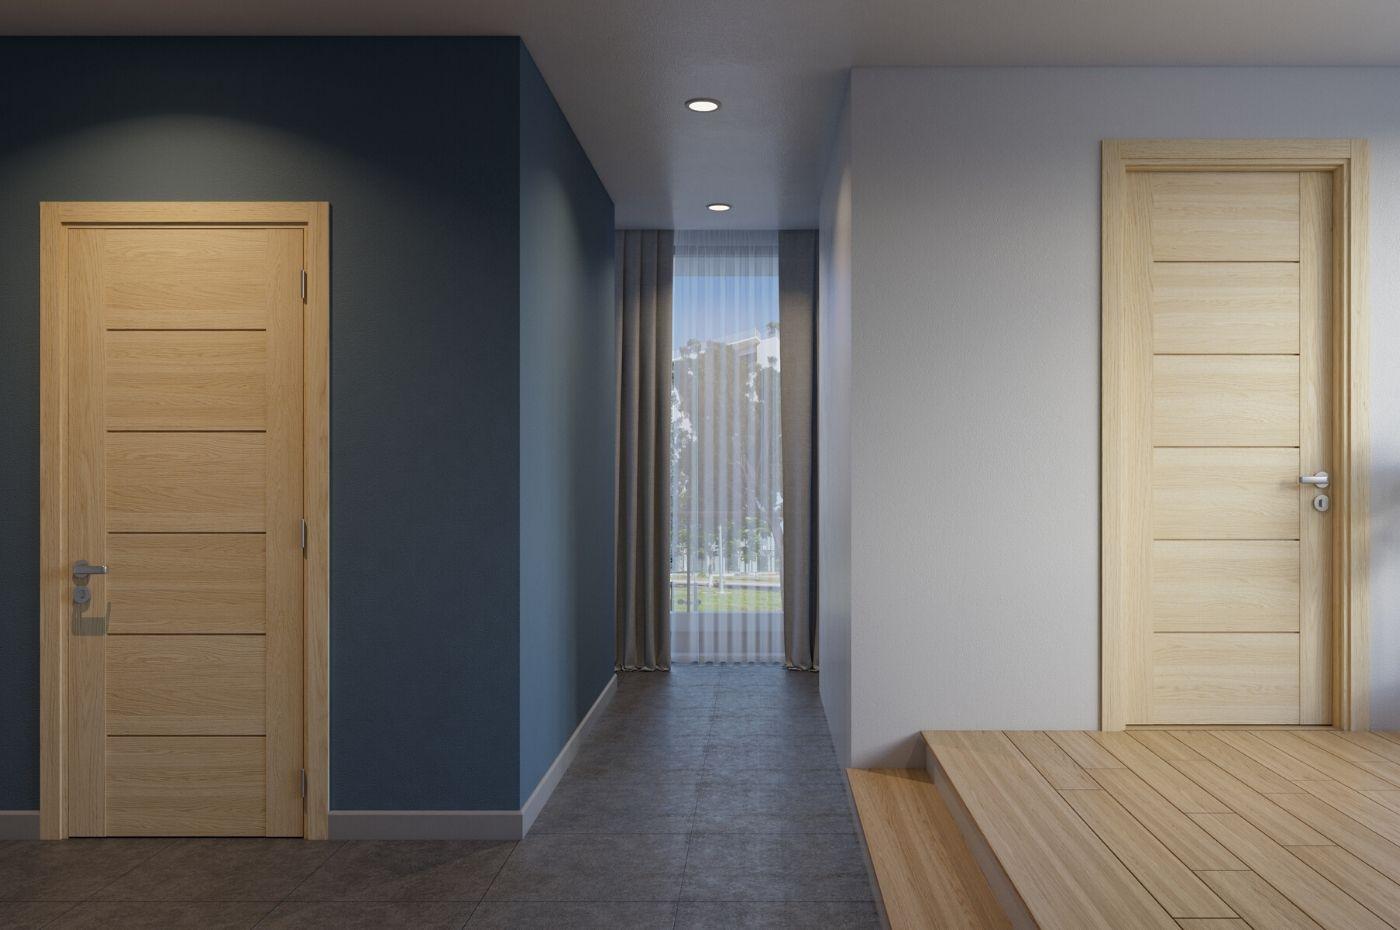 Cửa gỗ giá bao nhiêu? Giá 1 bộ cửa gỗ có mắc không? | TRƯỜNG THẮNG